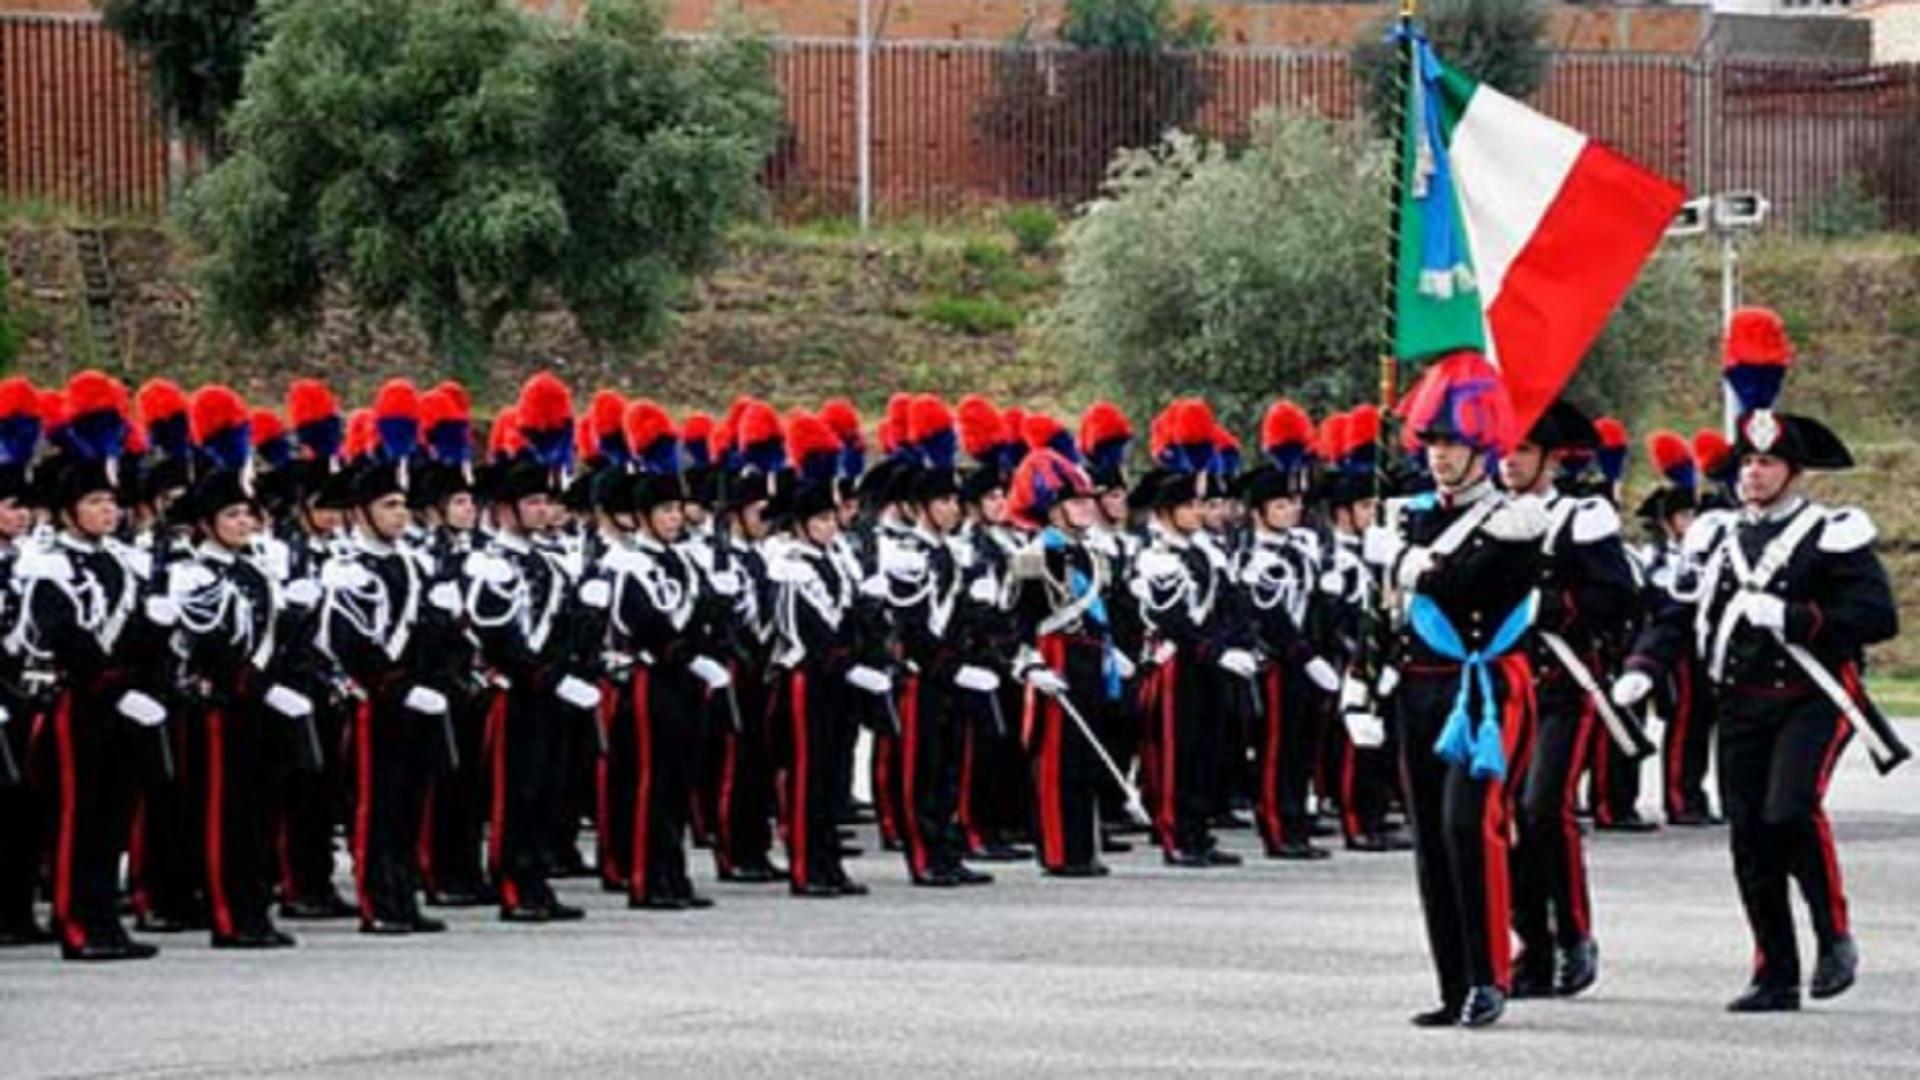 Trapani. Celebrazione del 204° annuale della fondazione dell'arma dei carabinieri